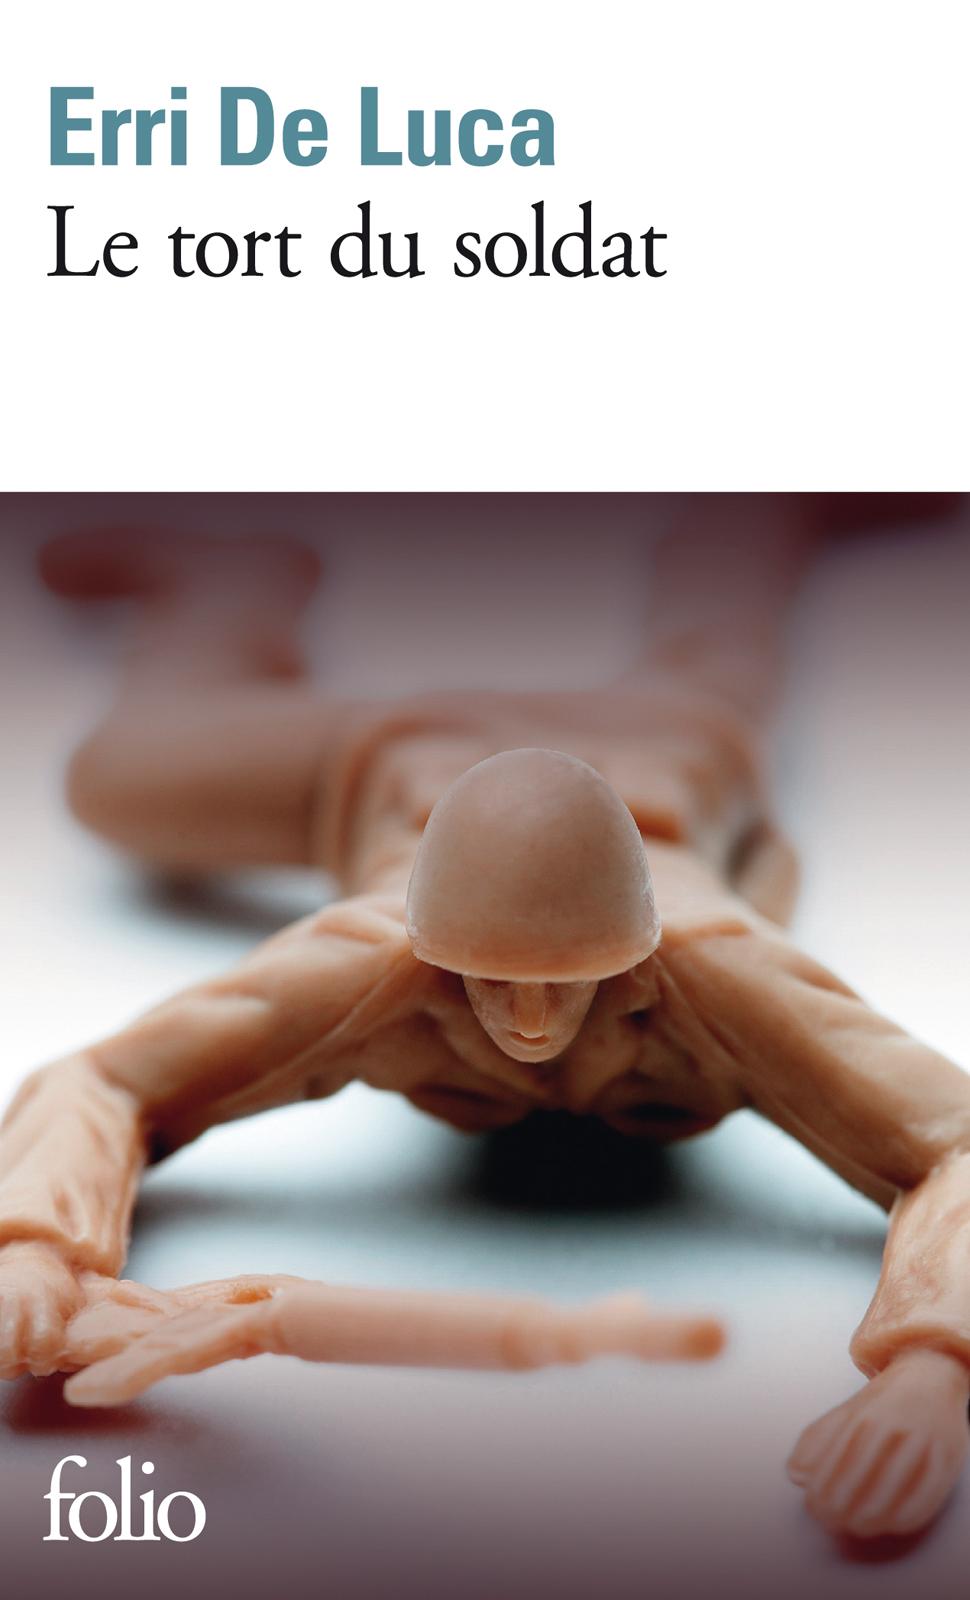 Le tort du soldat